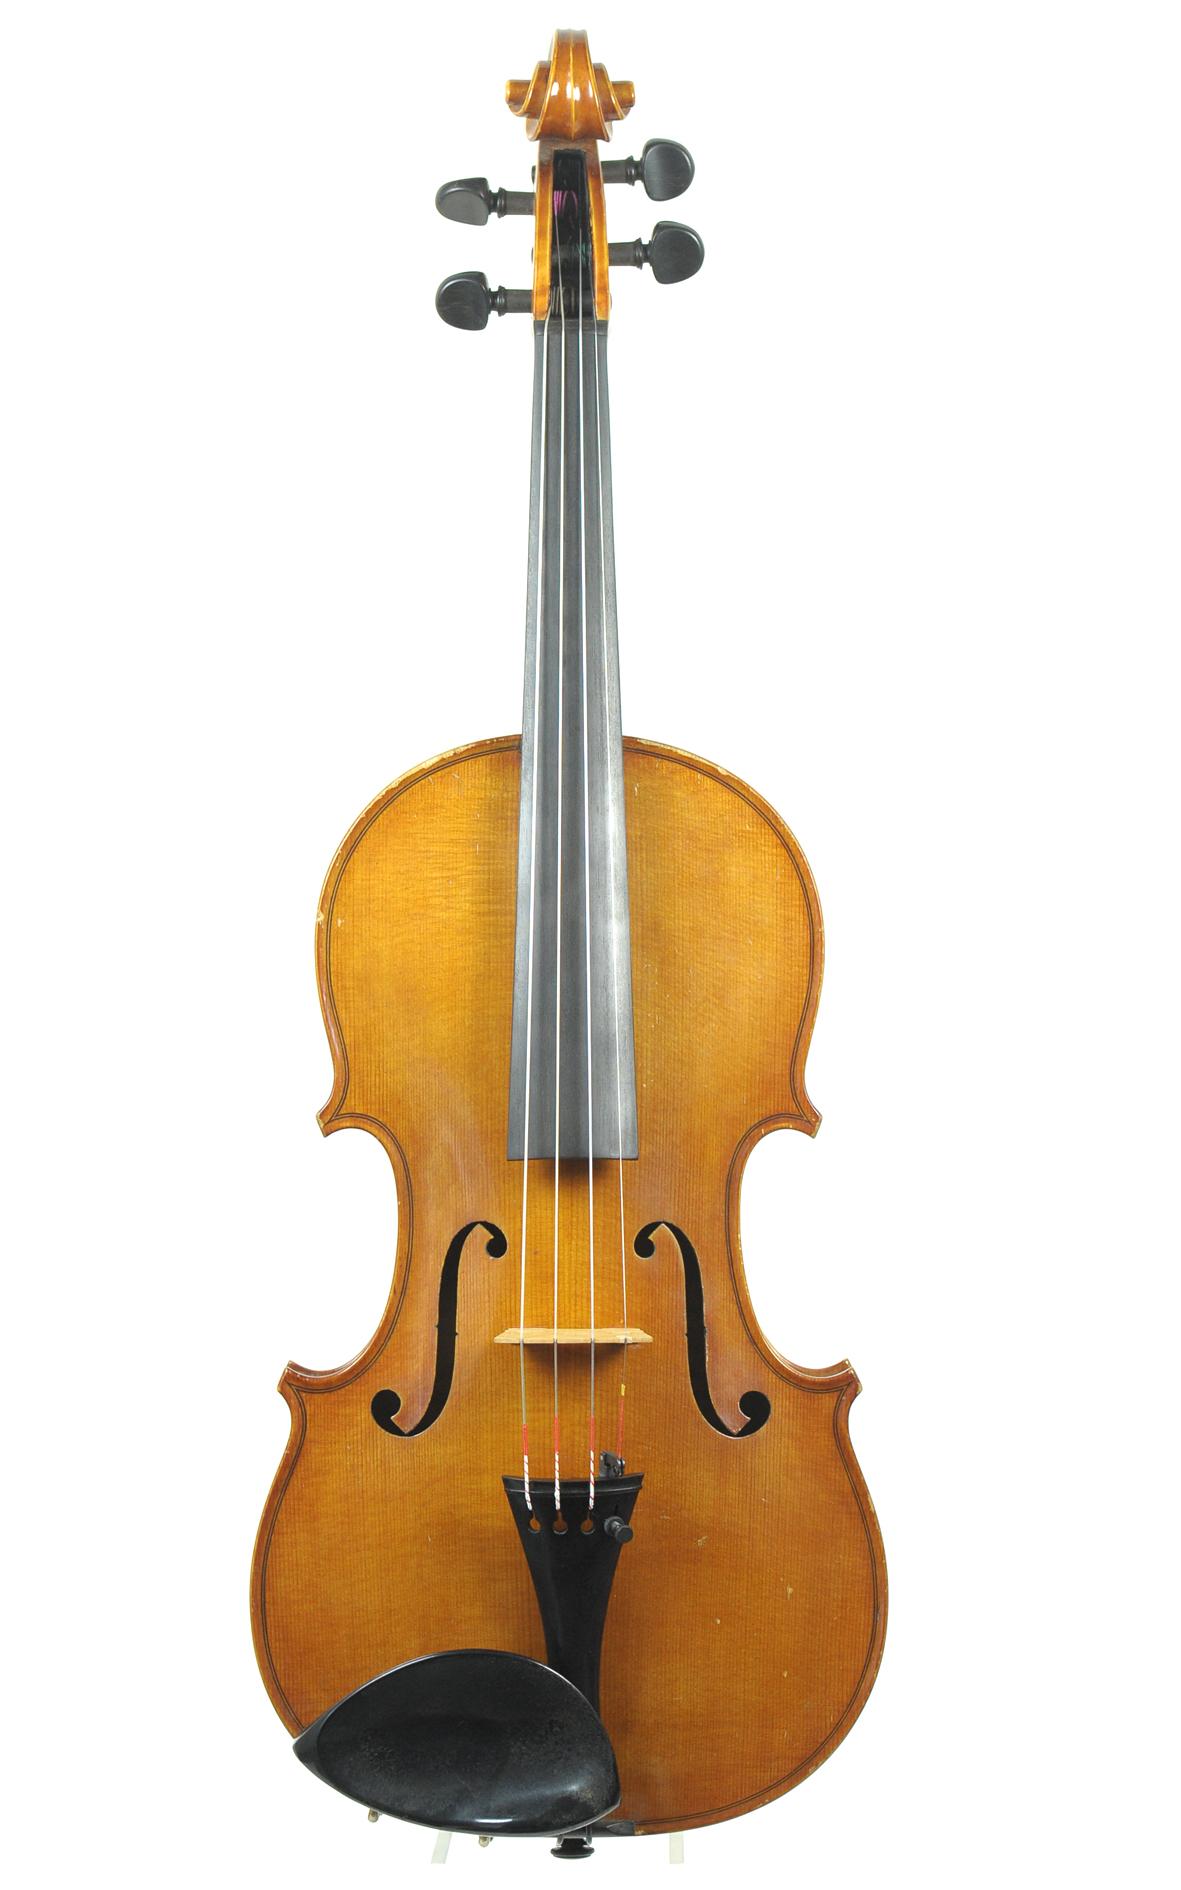 moderne meistergeige wahrscheinlich englisch um 1970 violinen wahr england unbekannt